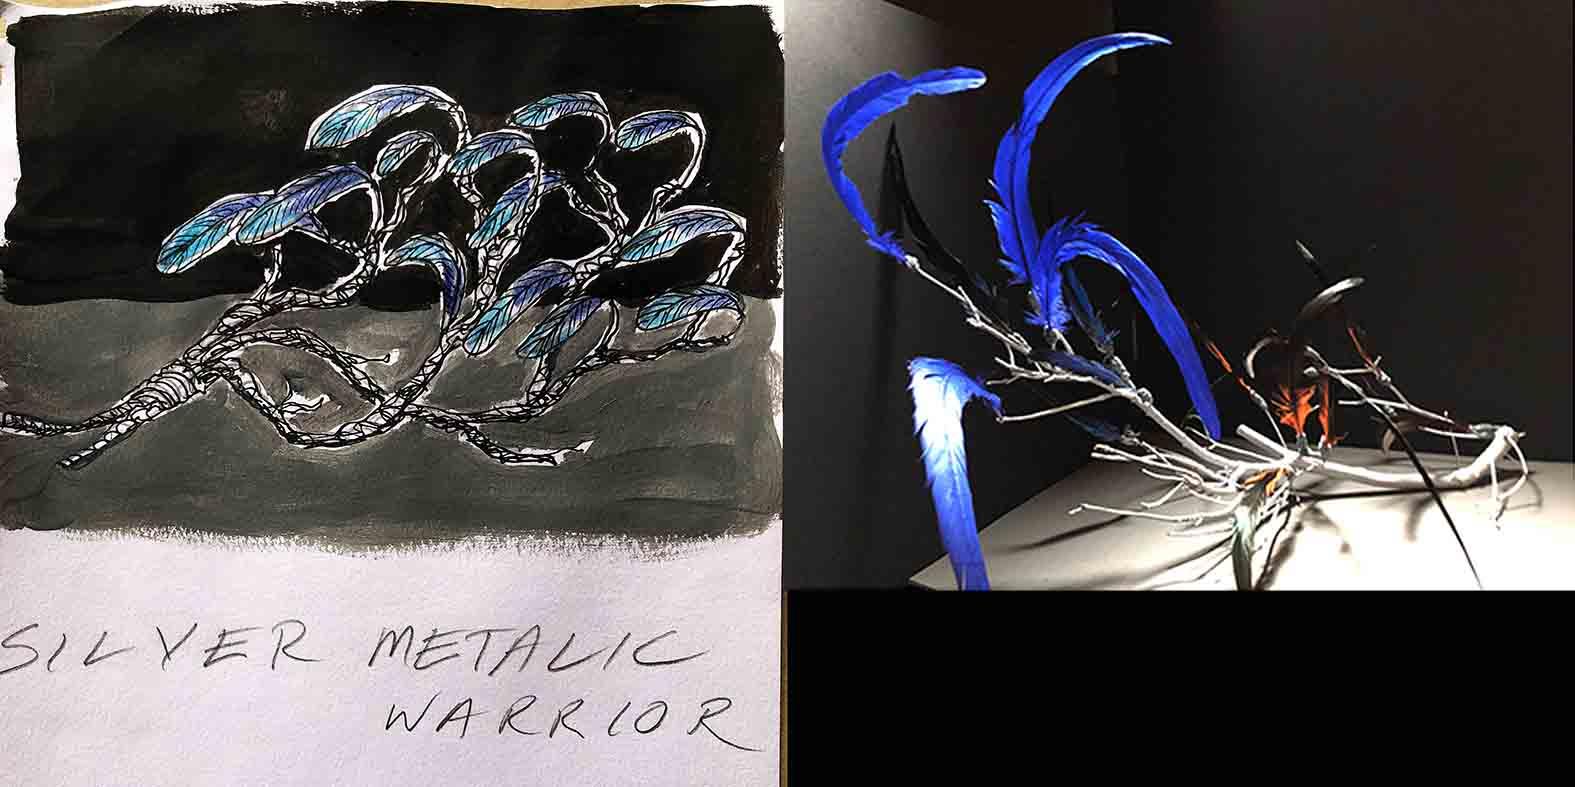 Silver Warrior Branch illustration and mock up design